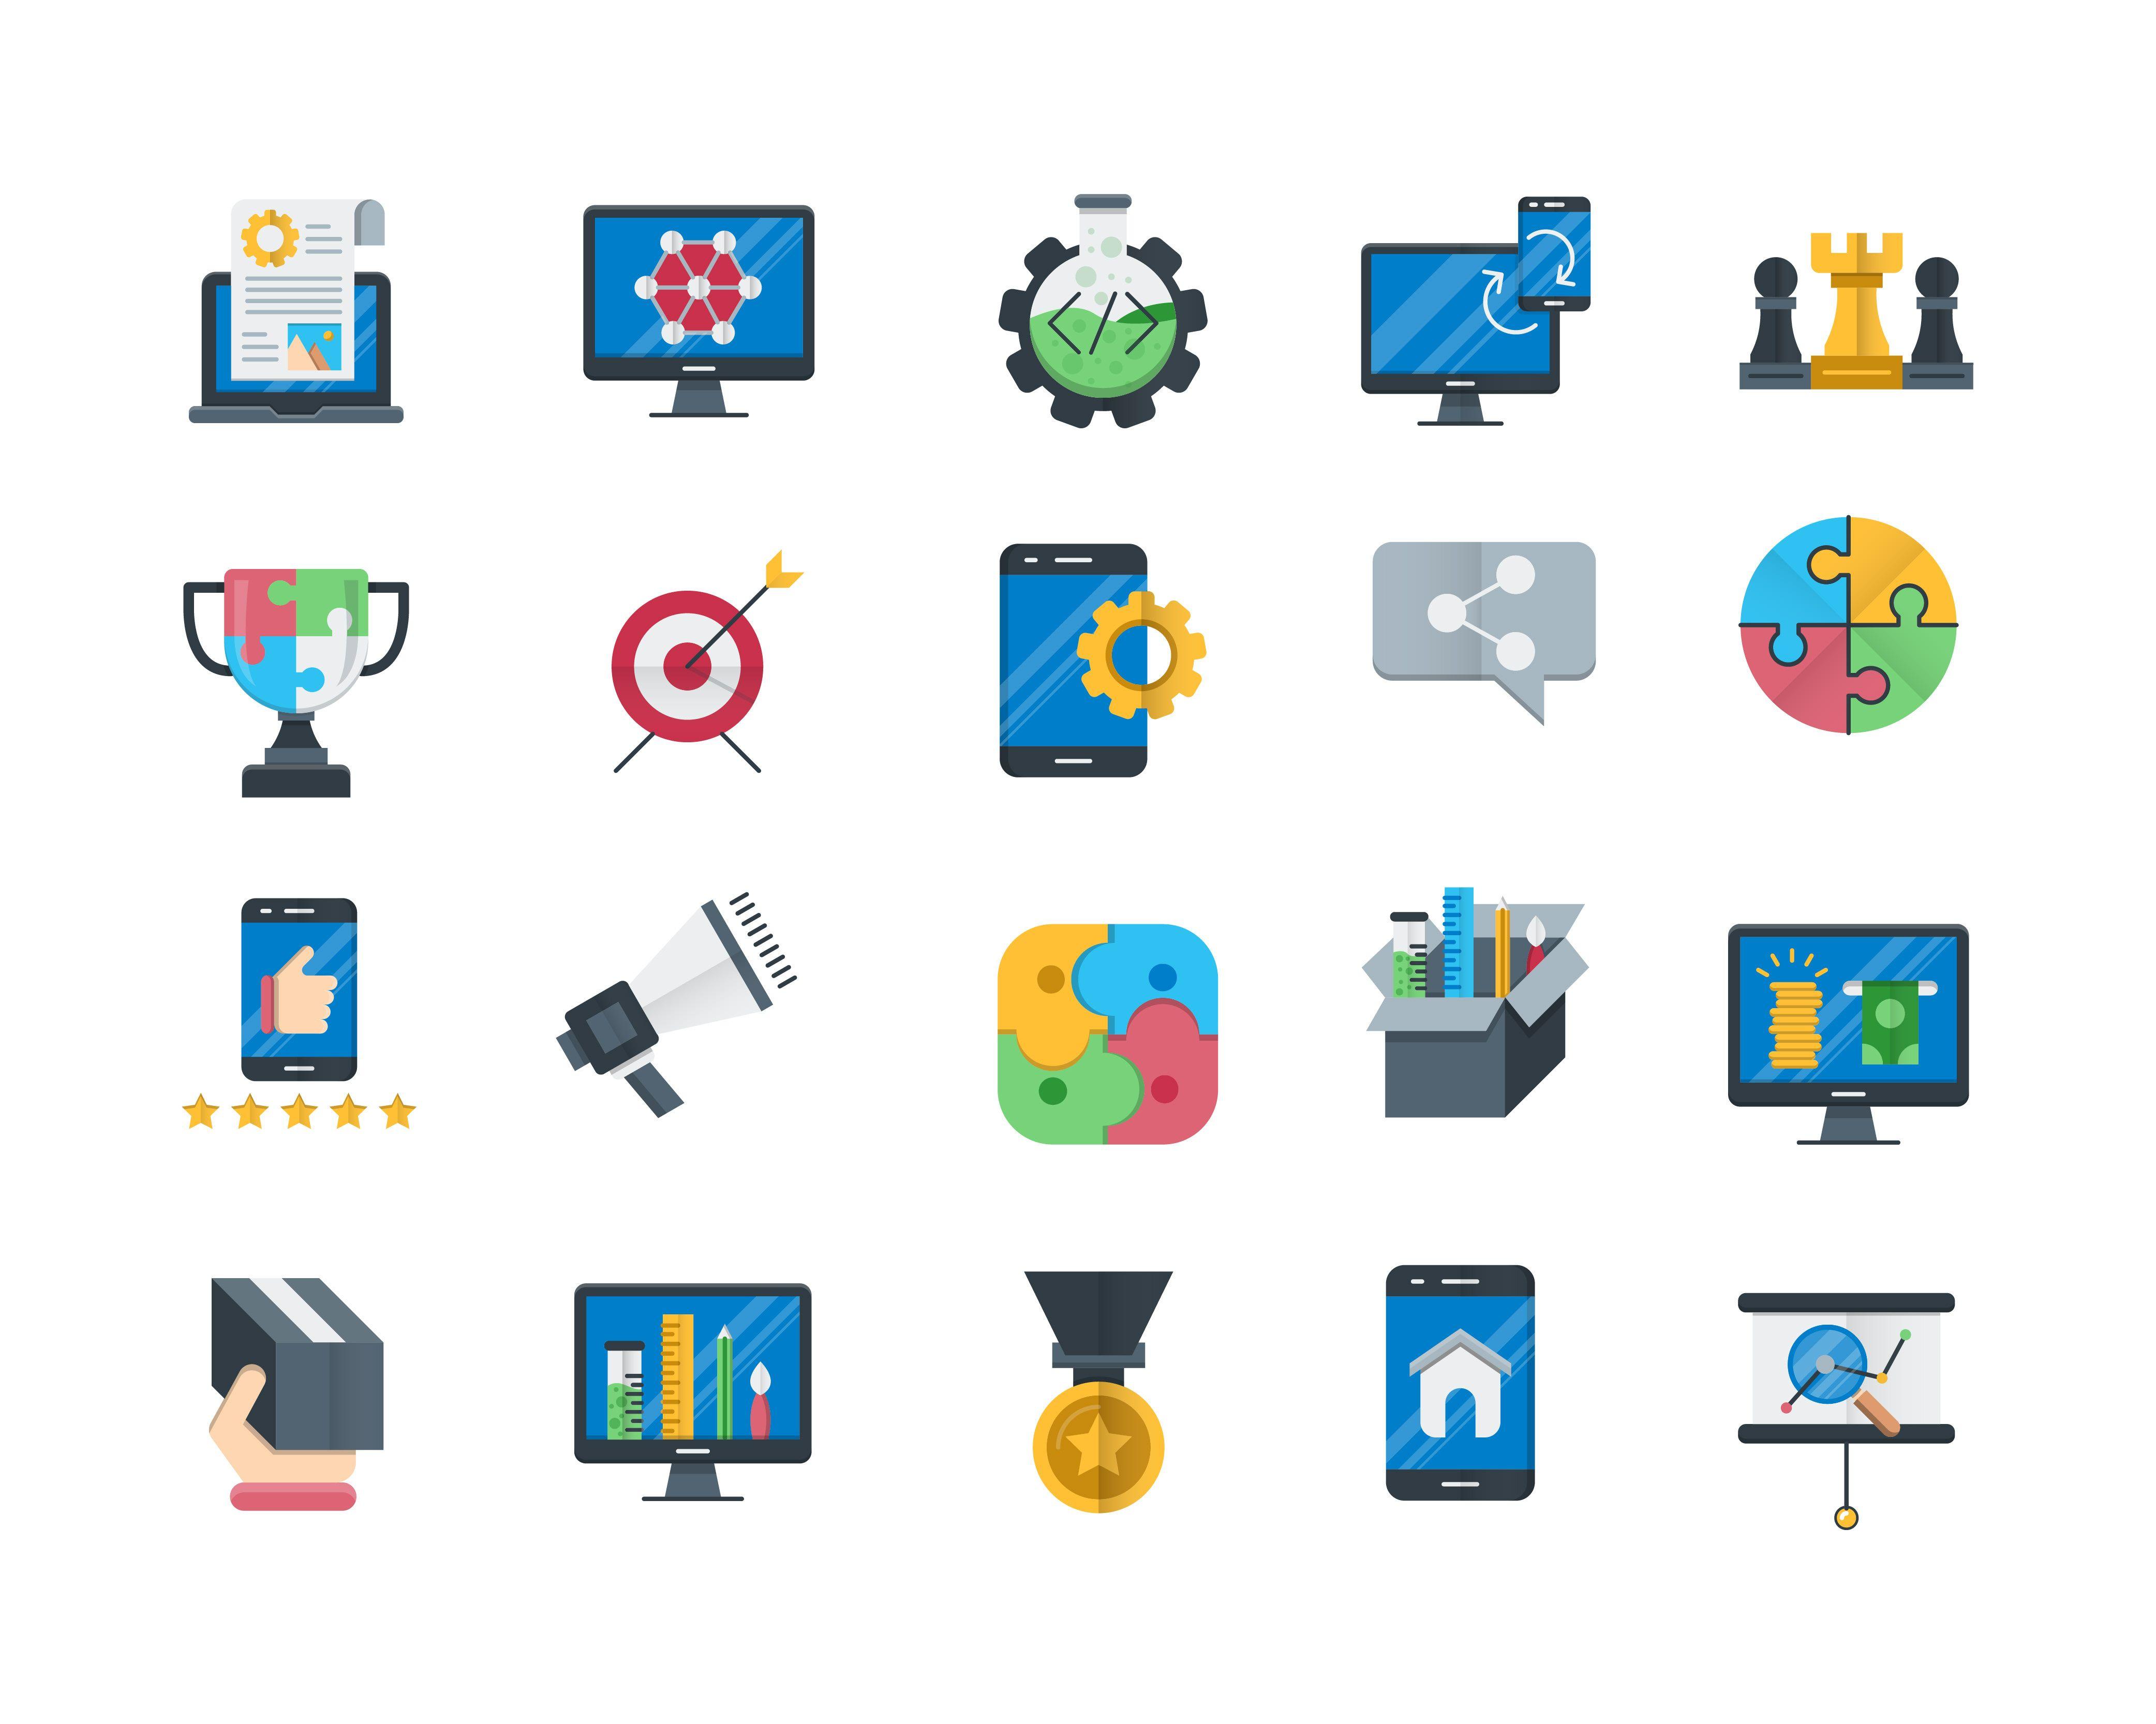 """Découvrez mon projet Behance """"Seo and web optimization"""